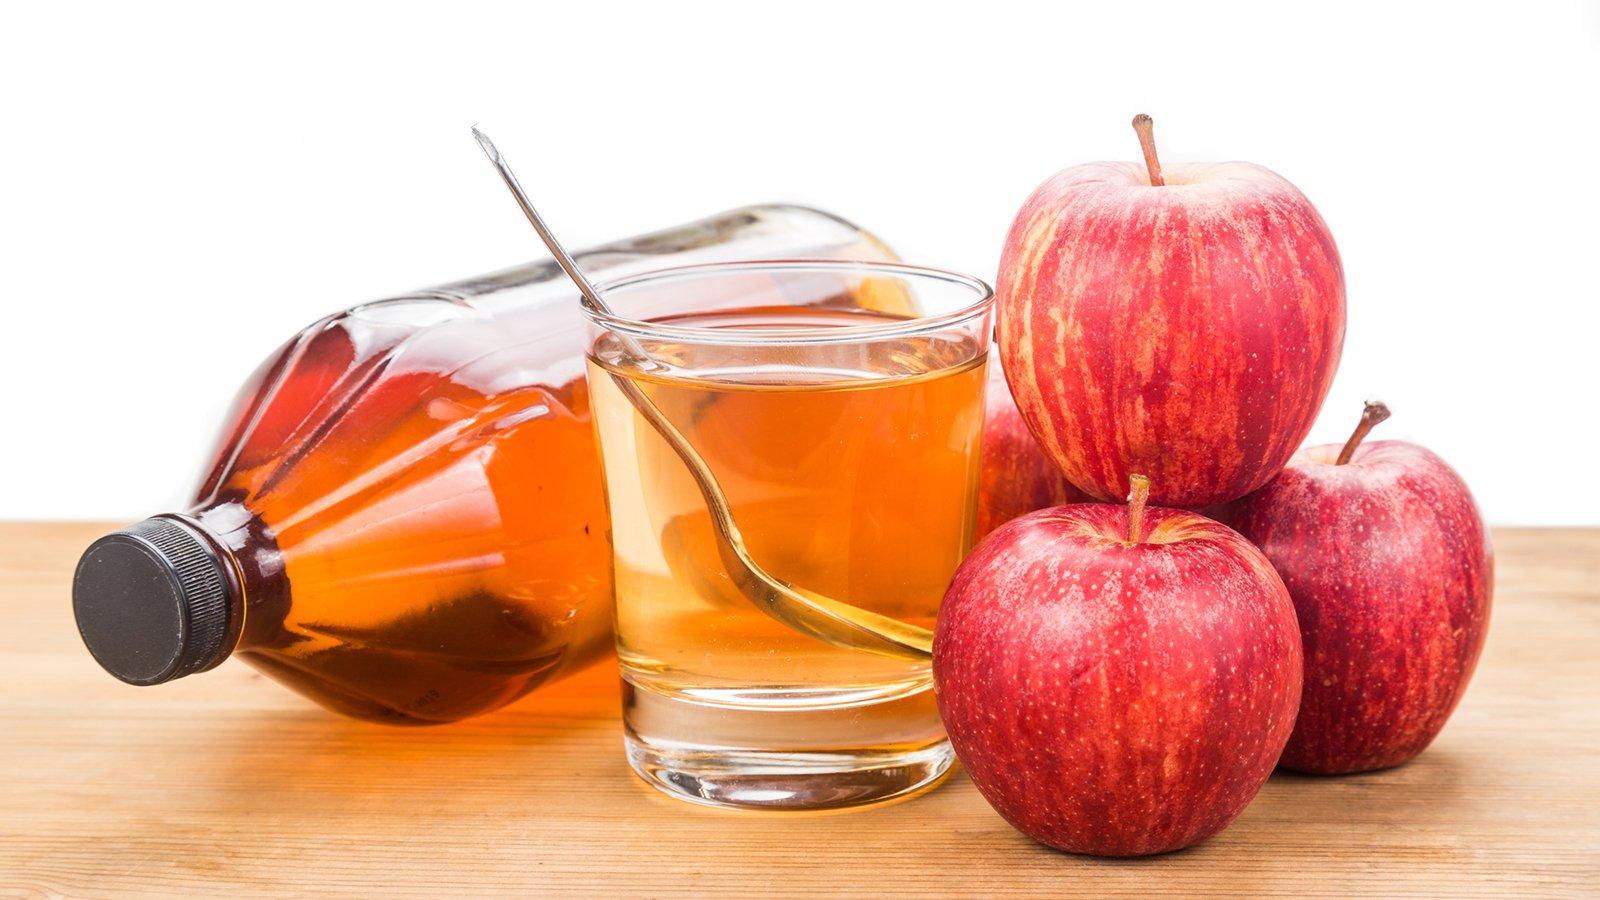 Apfelwein wird verwendet, um Gewicht zu verlieren